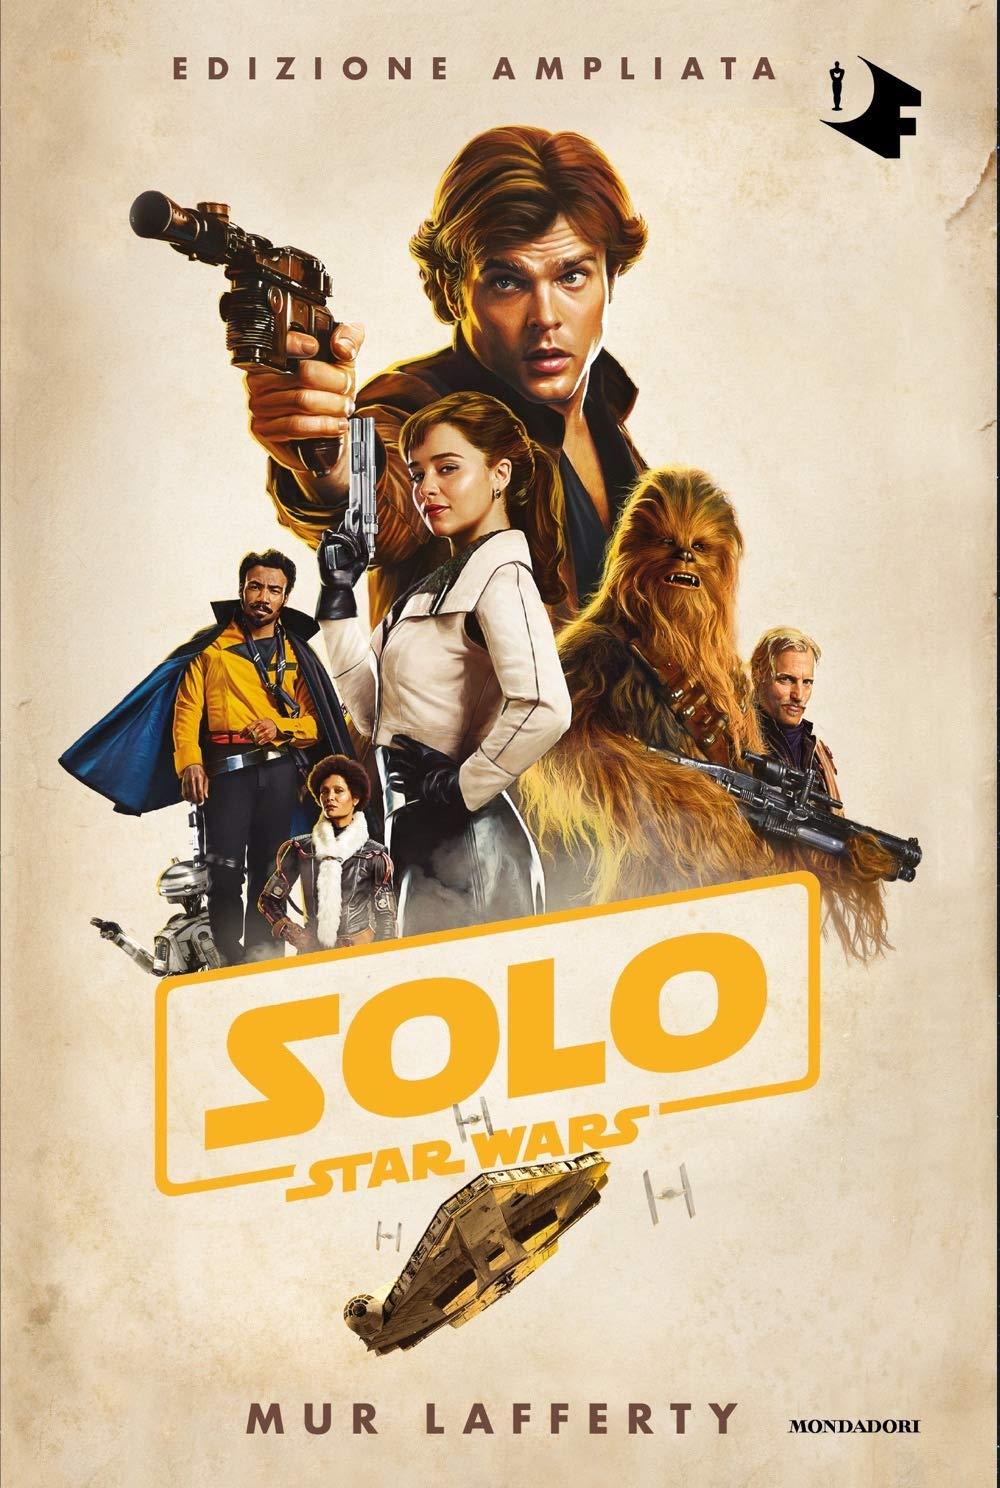 Solo A Star Wars Story Edizione Ampliata cover